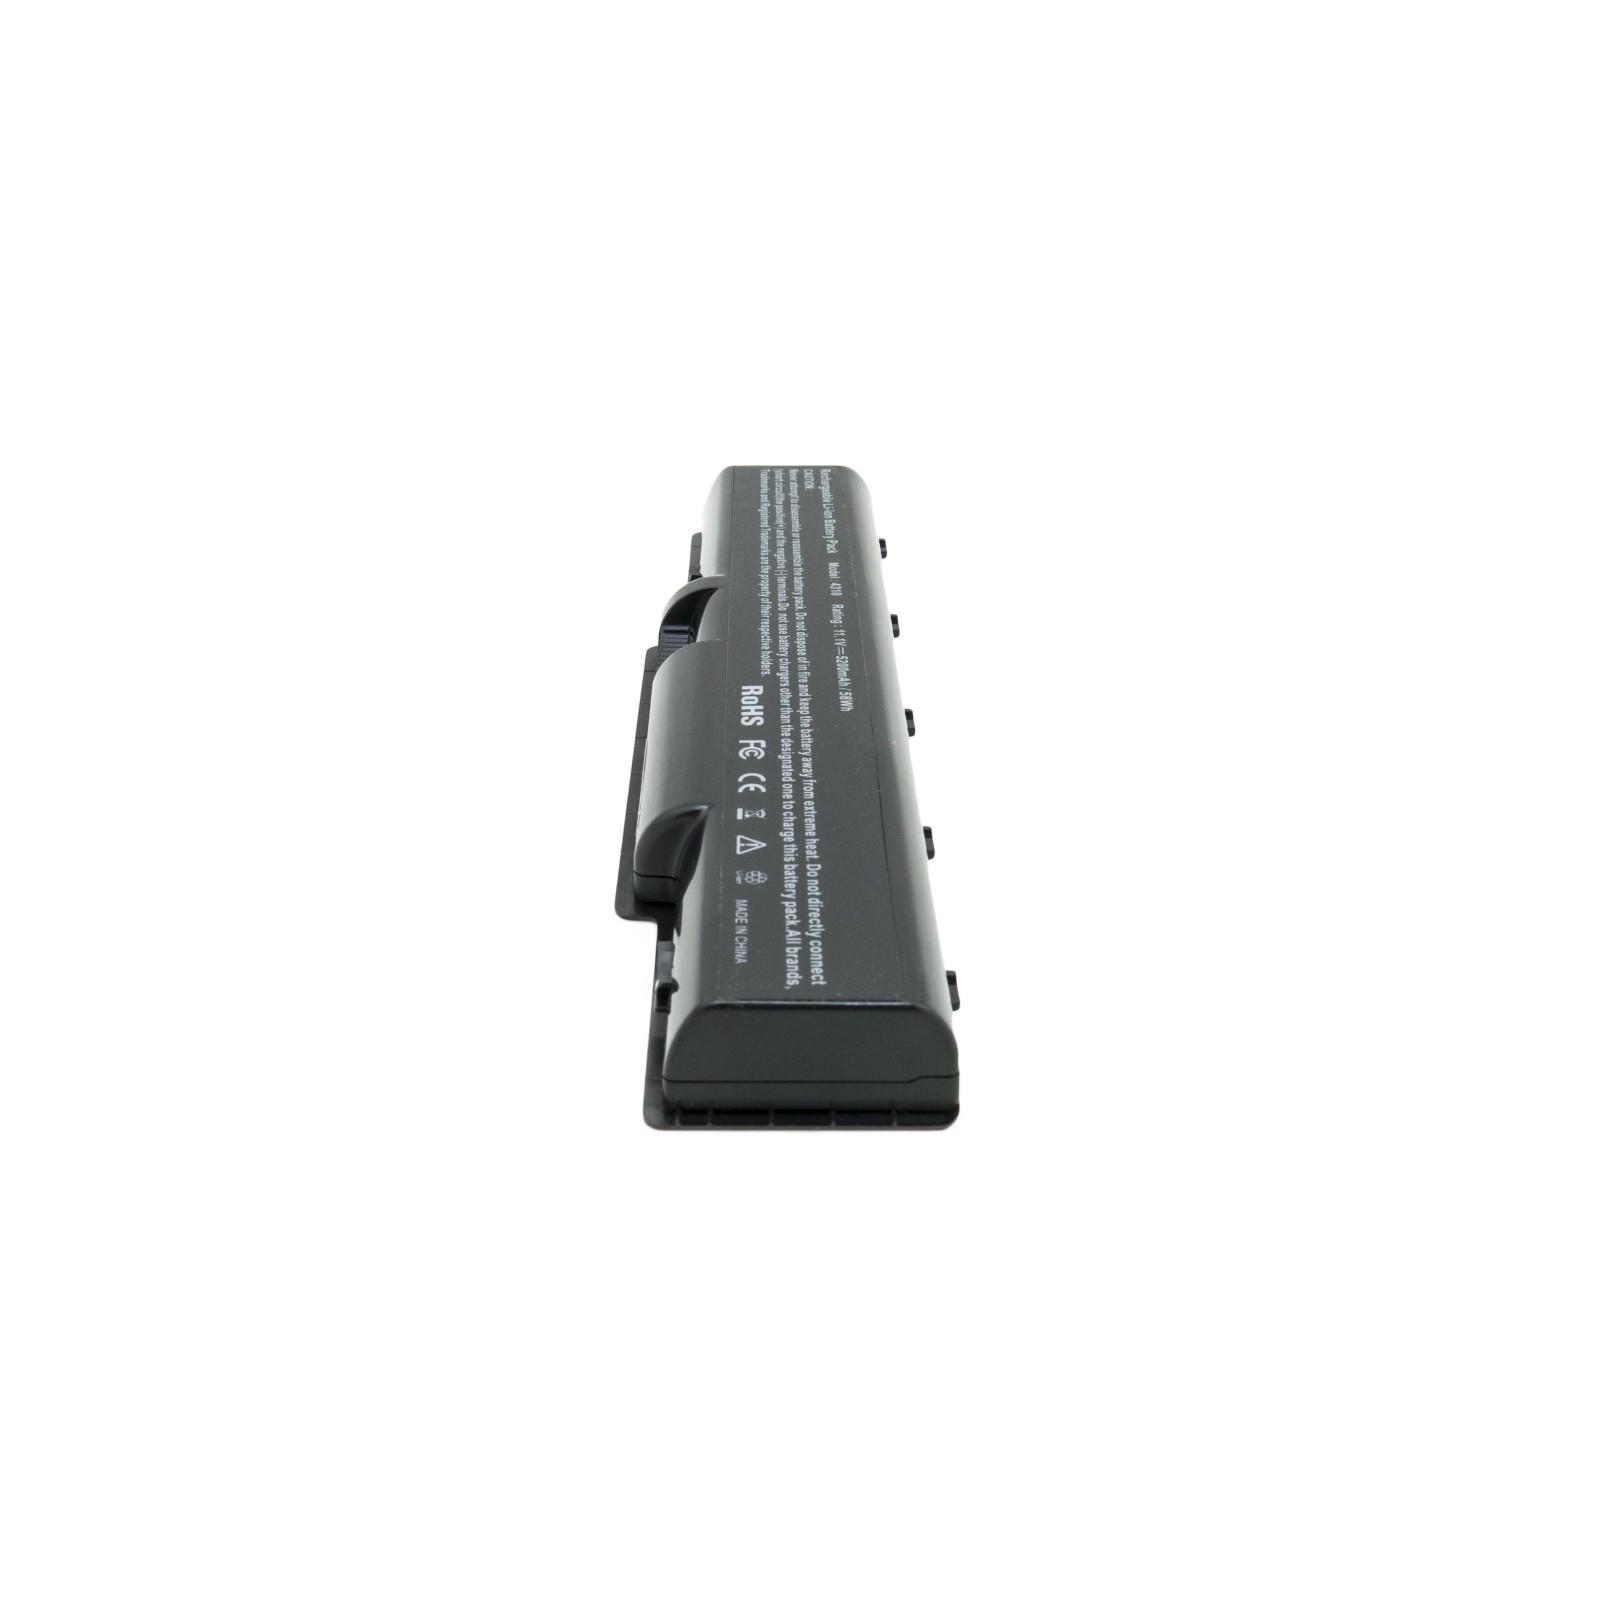 Аккумулятор для ноутбука Acer Aspire 4310 (AS07A41) 5200 mAh EXTRADIGITAL (BNA3906) изображение 5